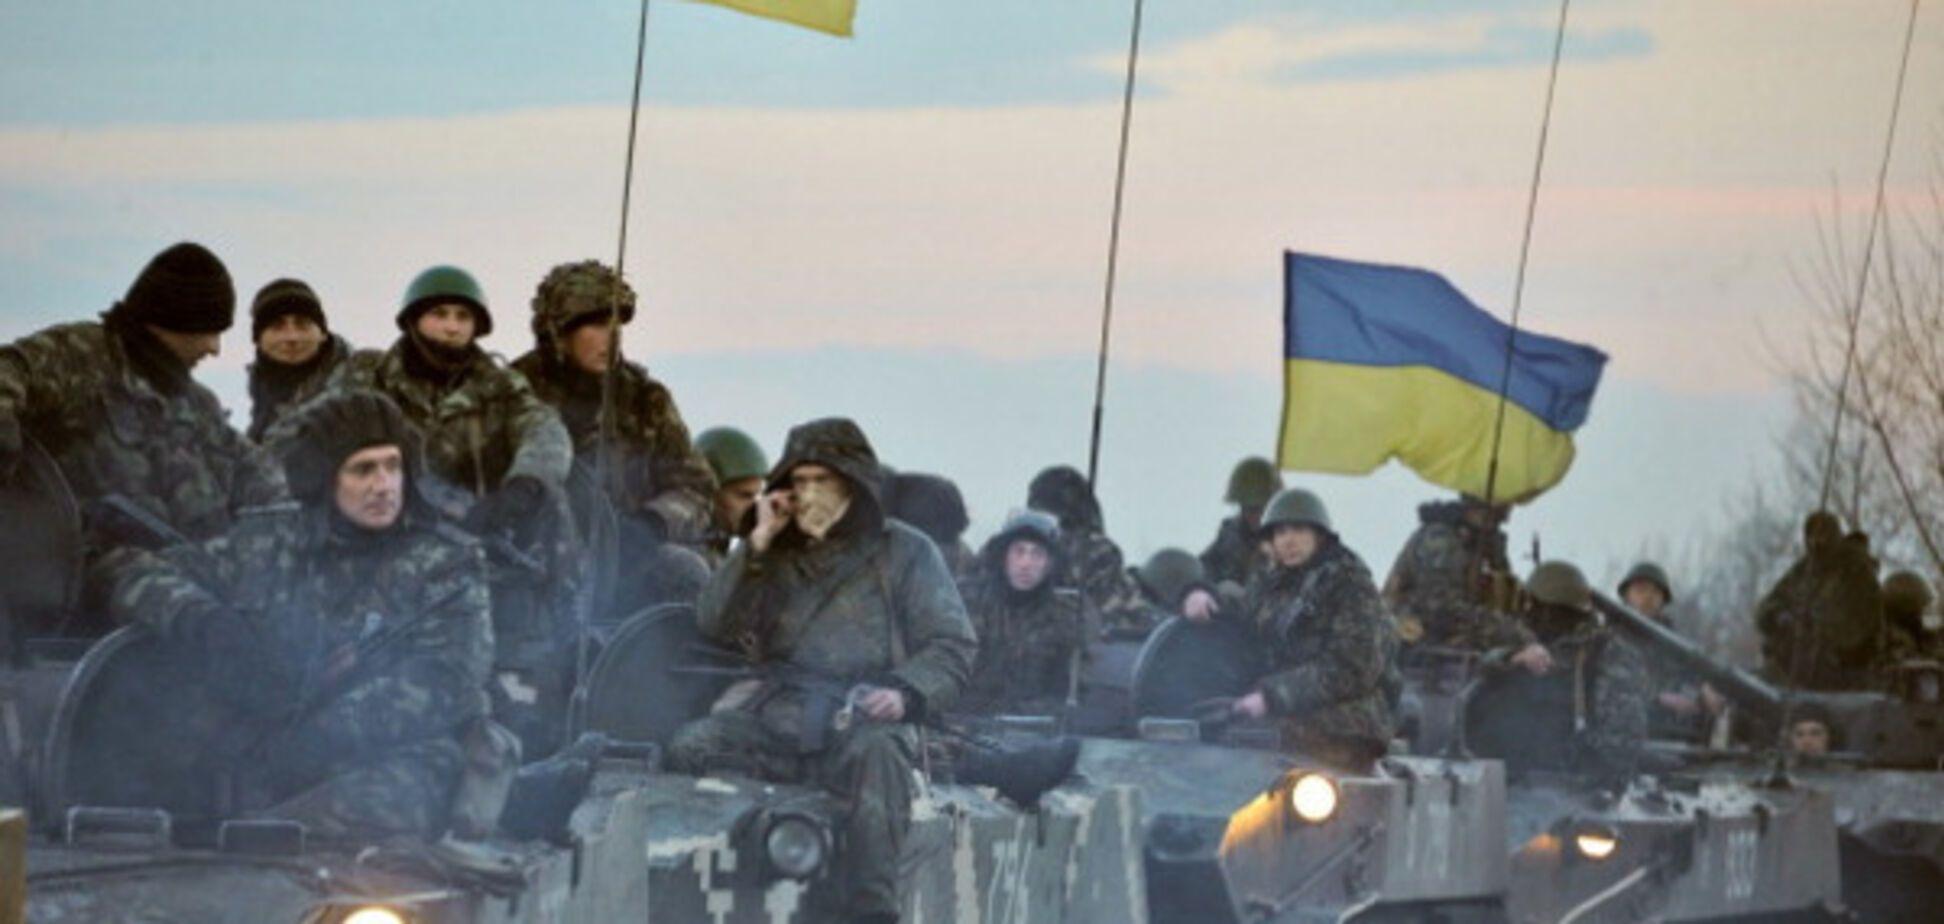 'Украинских танков в Москве не будет': заявление известного писателя вызвало дискуссию в сети